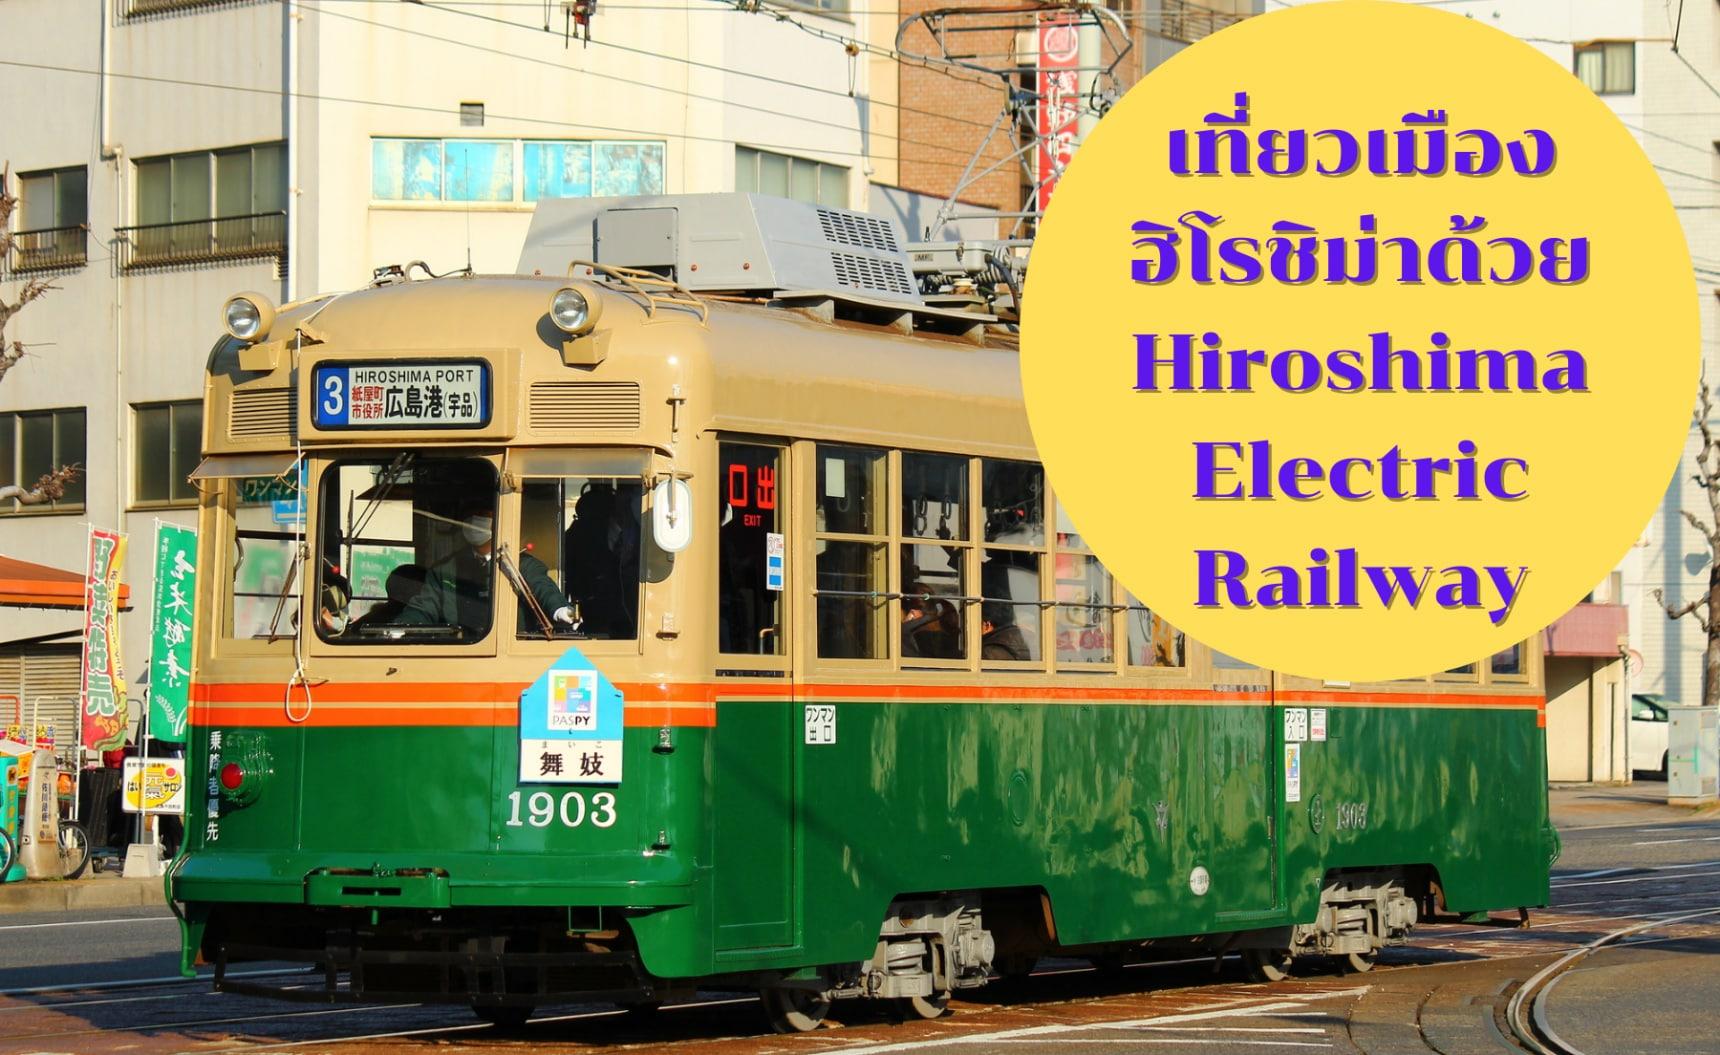 เที่ยวบนเส้นทางรถไฟ Hiroshima Electric Railway